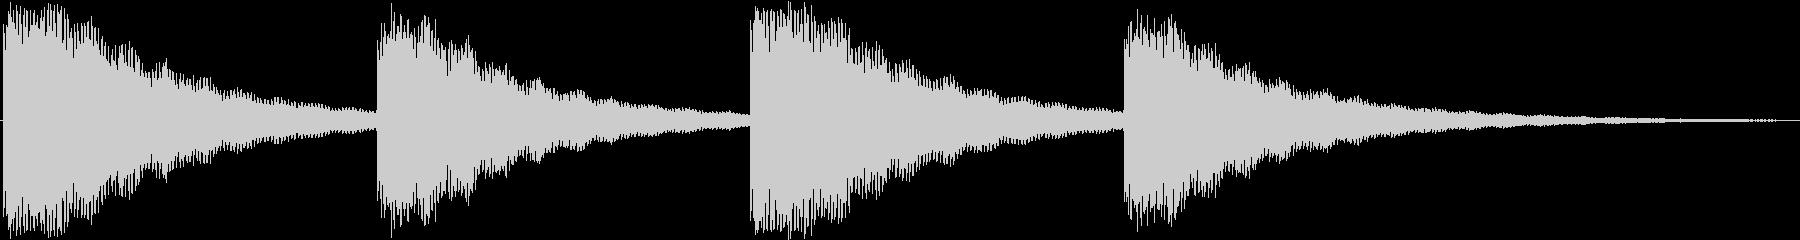 鐘の音でホラー系にも使えますの未再生の波形